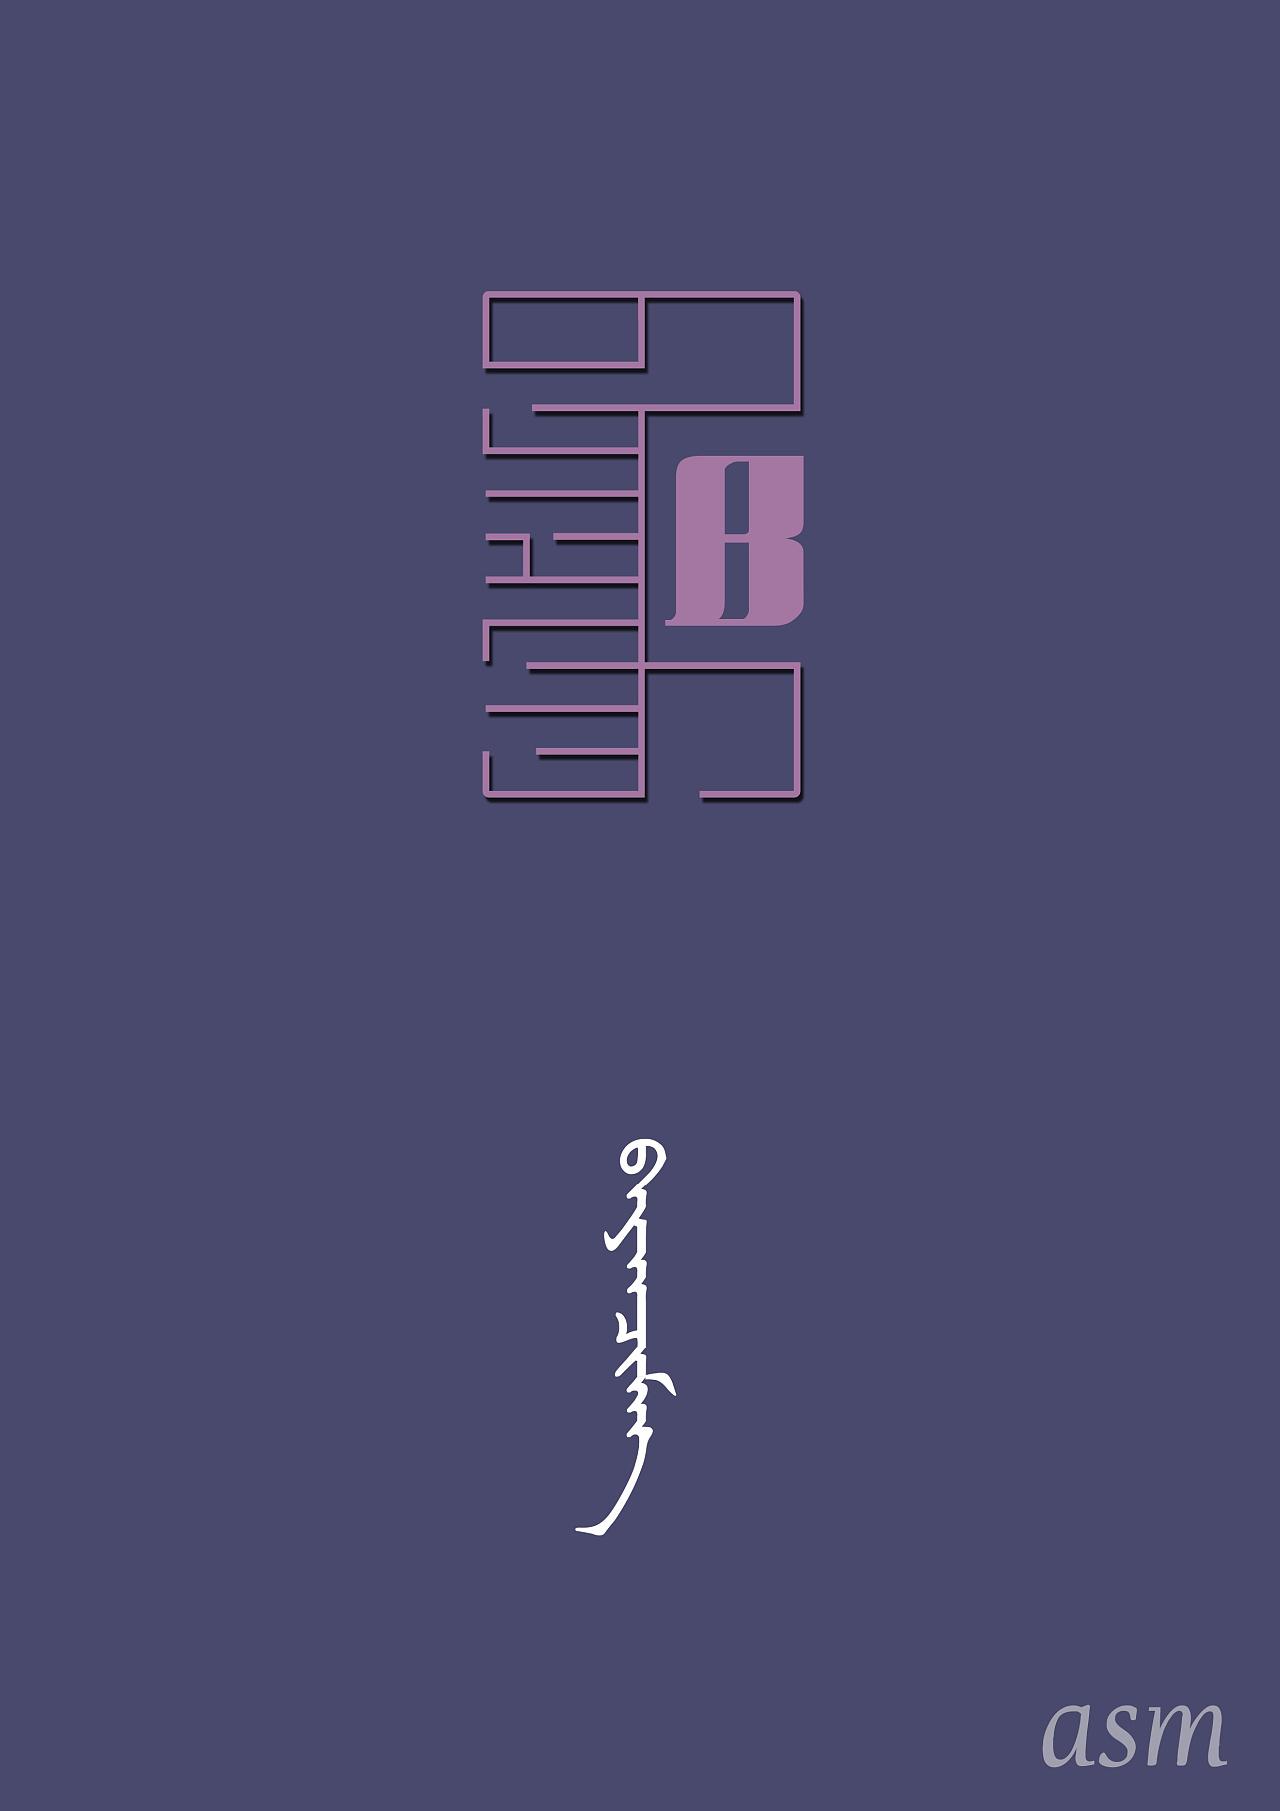 蒙古艺术文字5 -阿斯玛设计 第6张 蒙古艺术文字5 -阿斯玛设计 蒙古设计